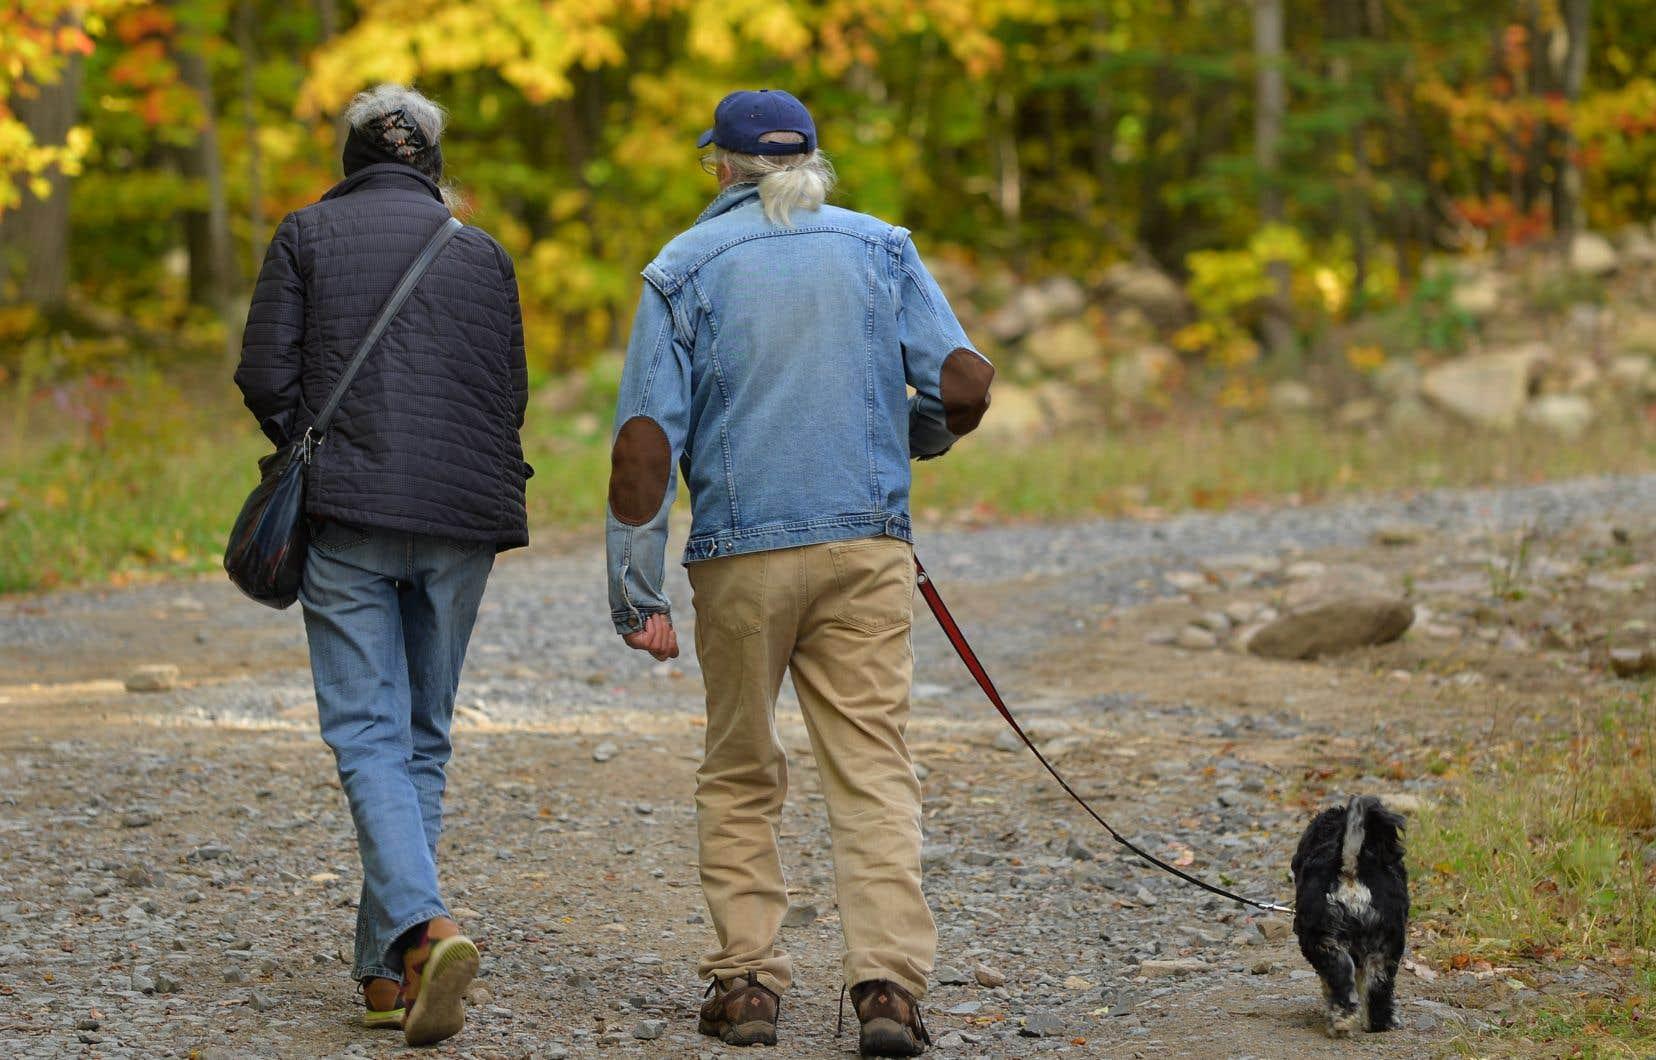 Les faillites d'entreprises amputent gravement les retraites des salariés québécois.